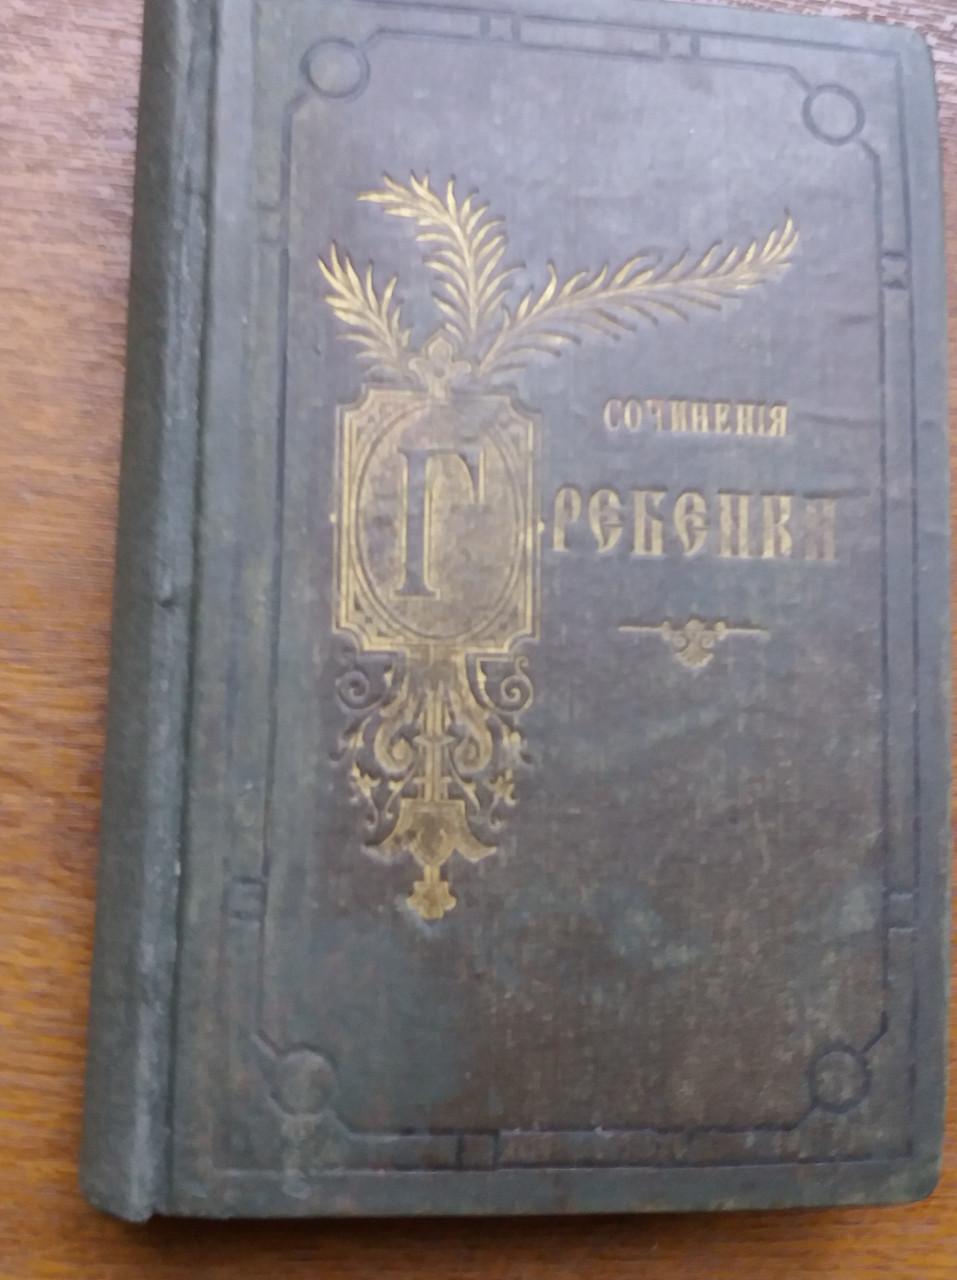 Твори Е. П. Гребінки 1862 рік, Чайковський та ін перше видання